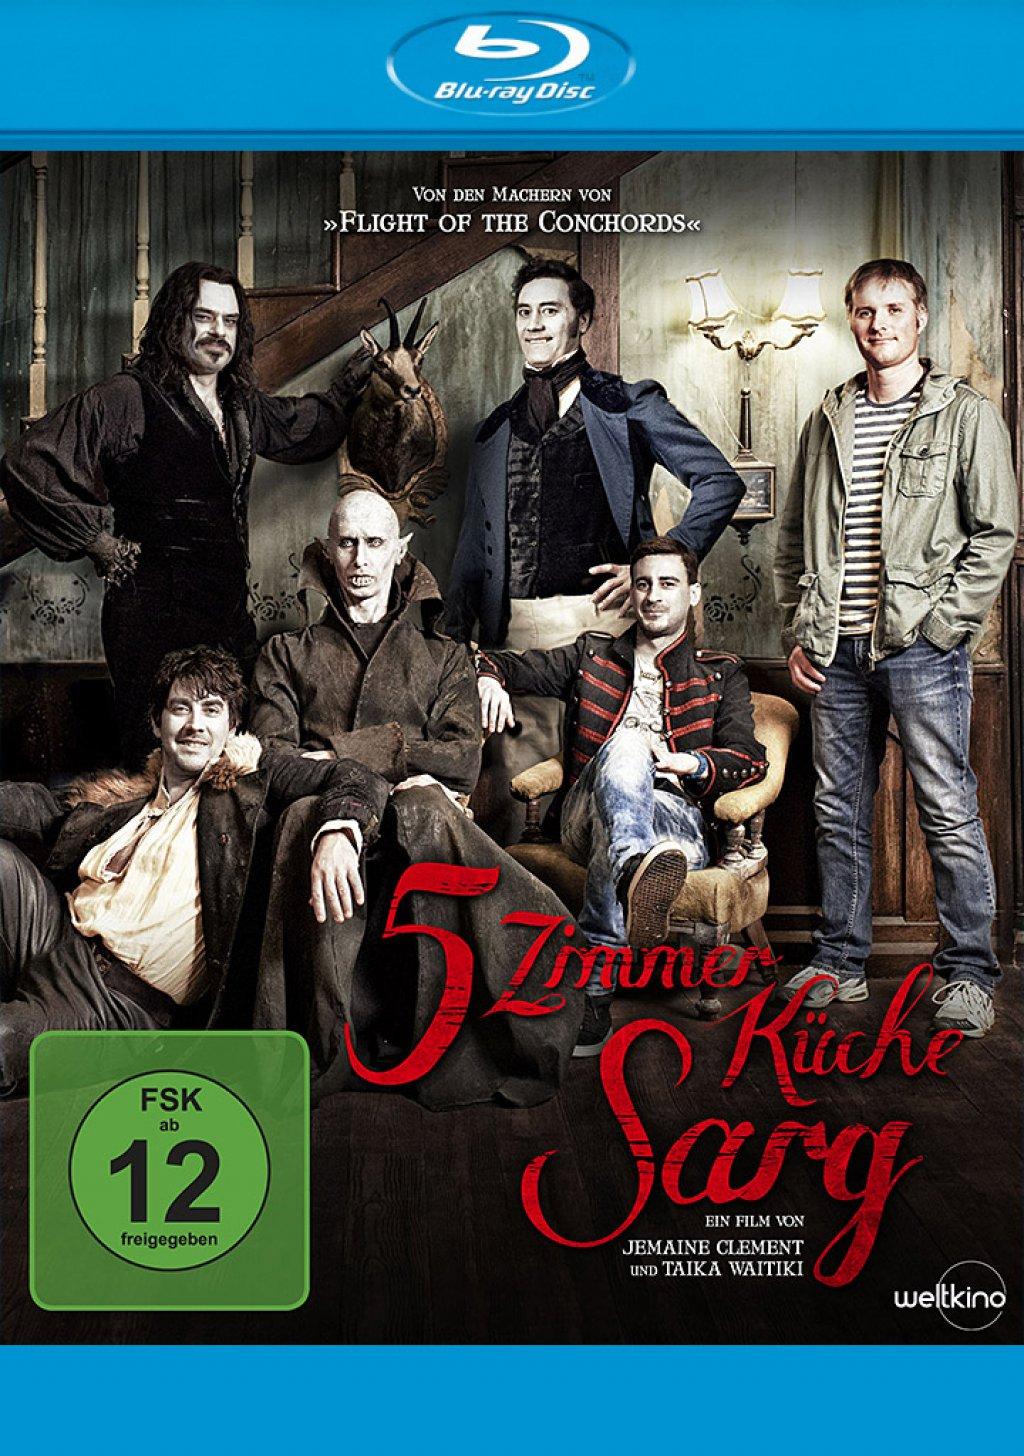 5 Zimmer Küche Sarg (Blu-ray)